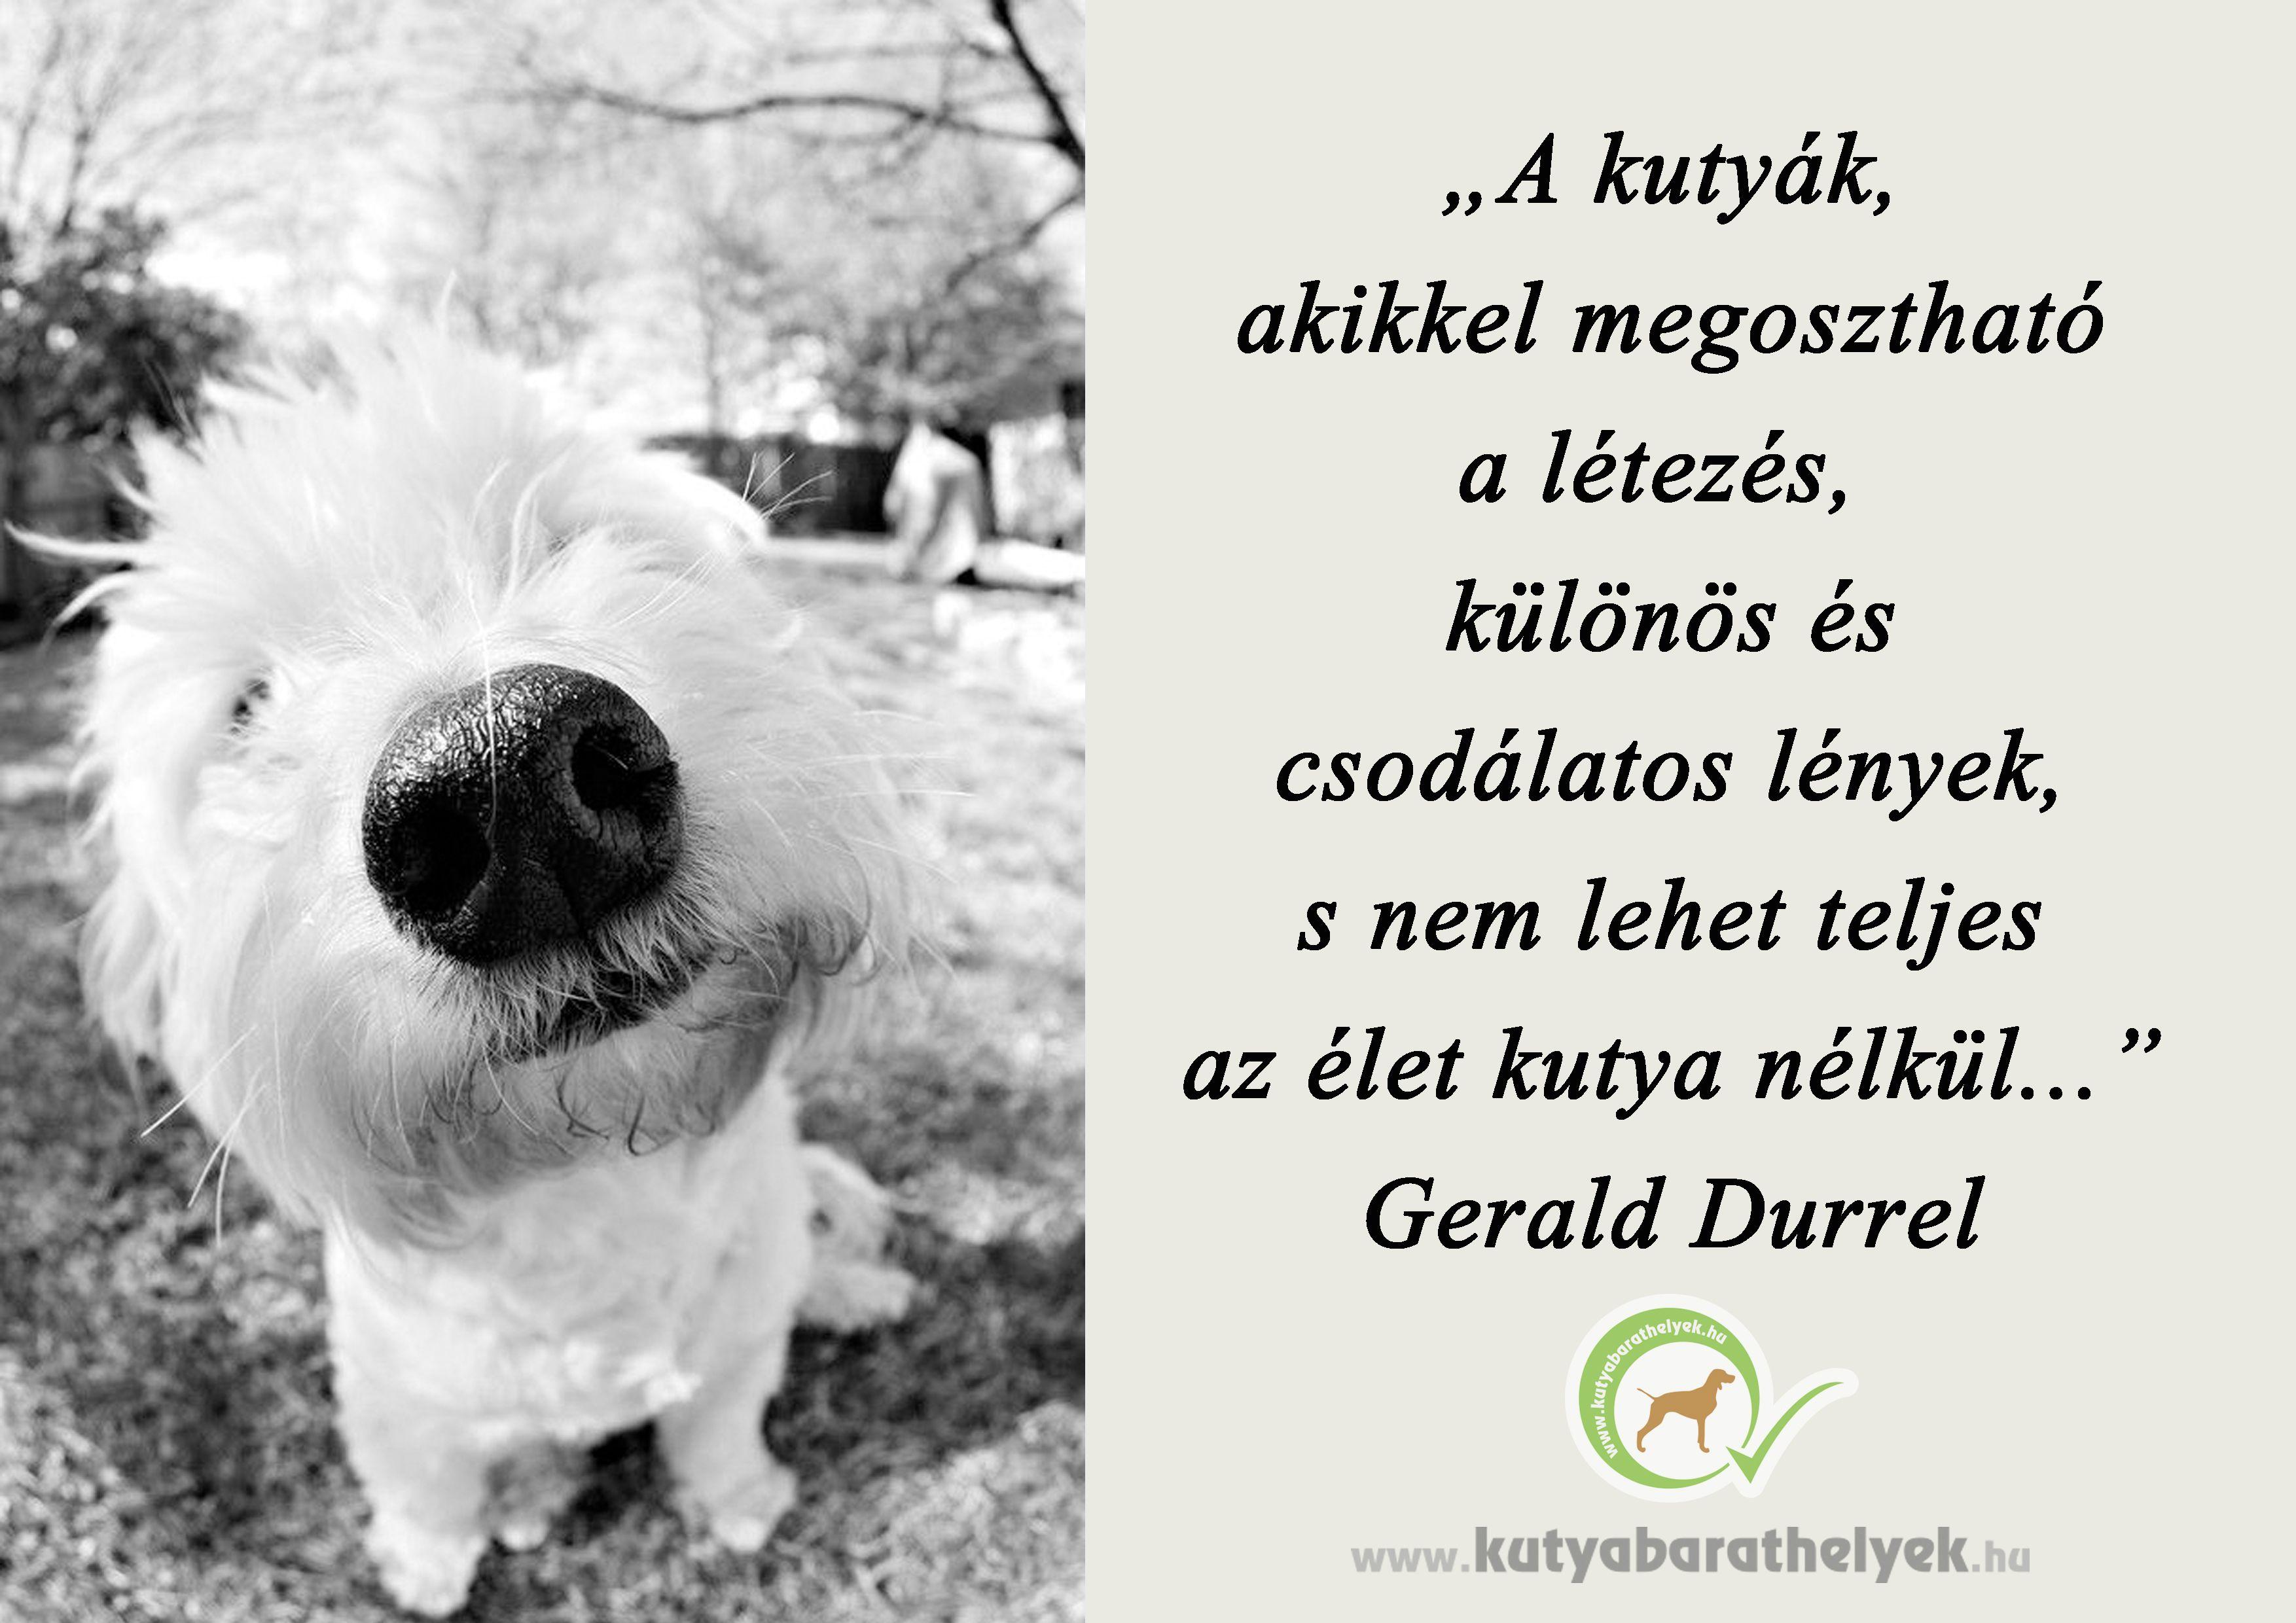 a023a2546 A kutyák, akikkel megosztható a létezés, különös és csodálatos ...